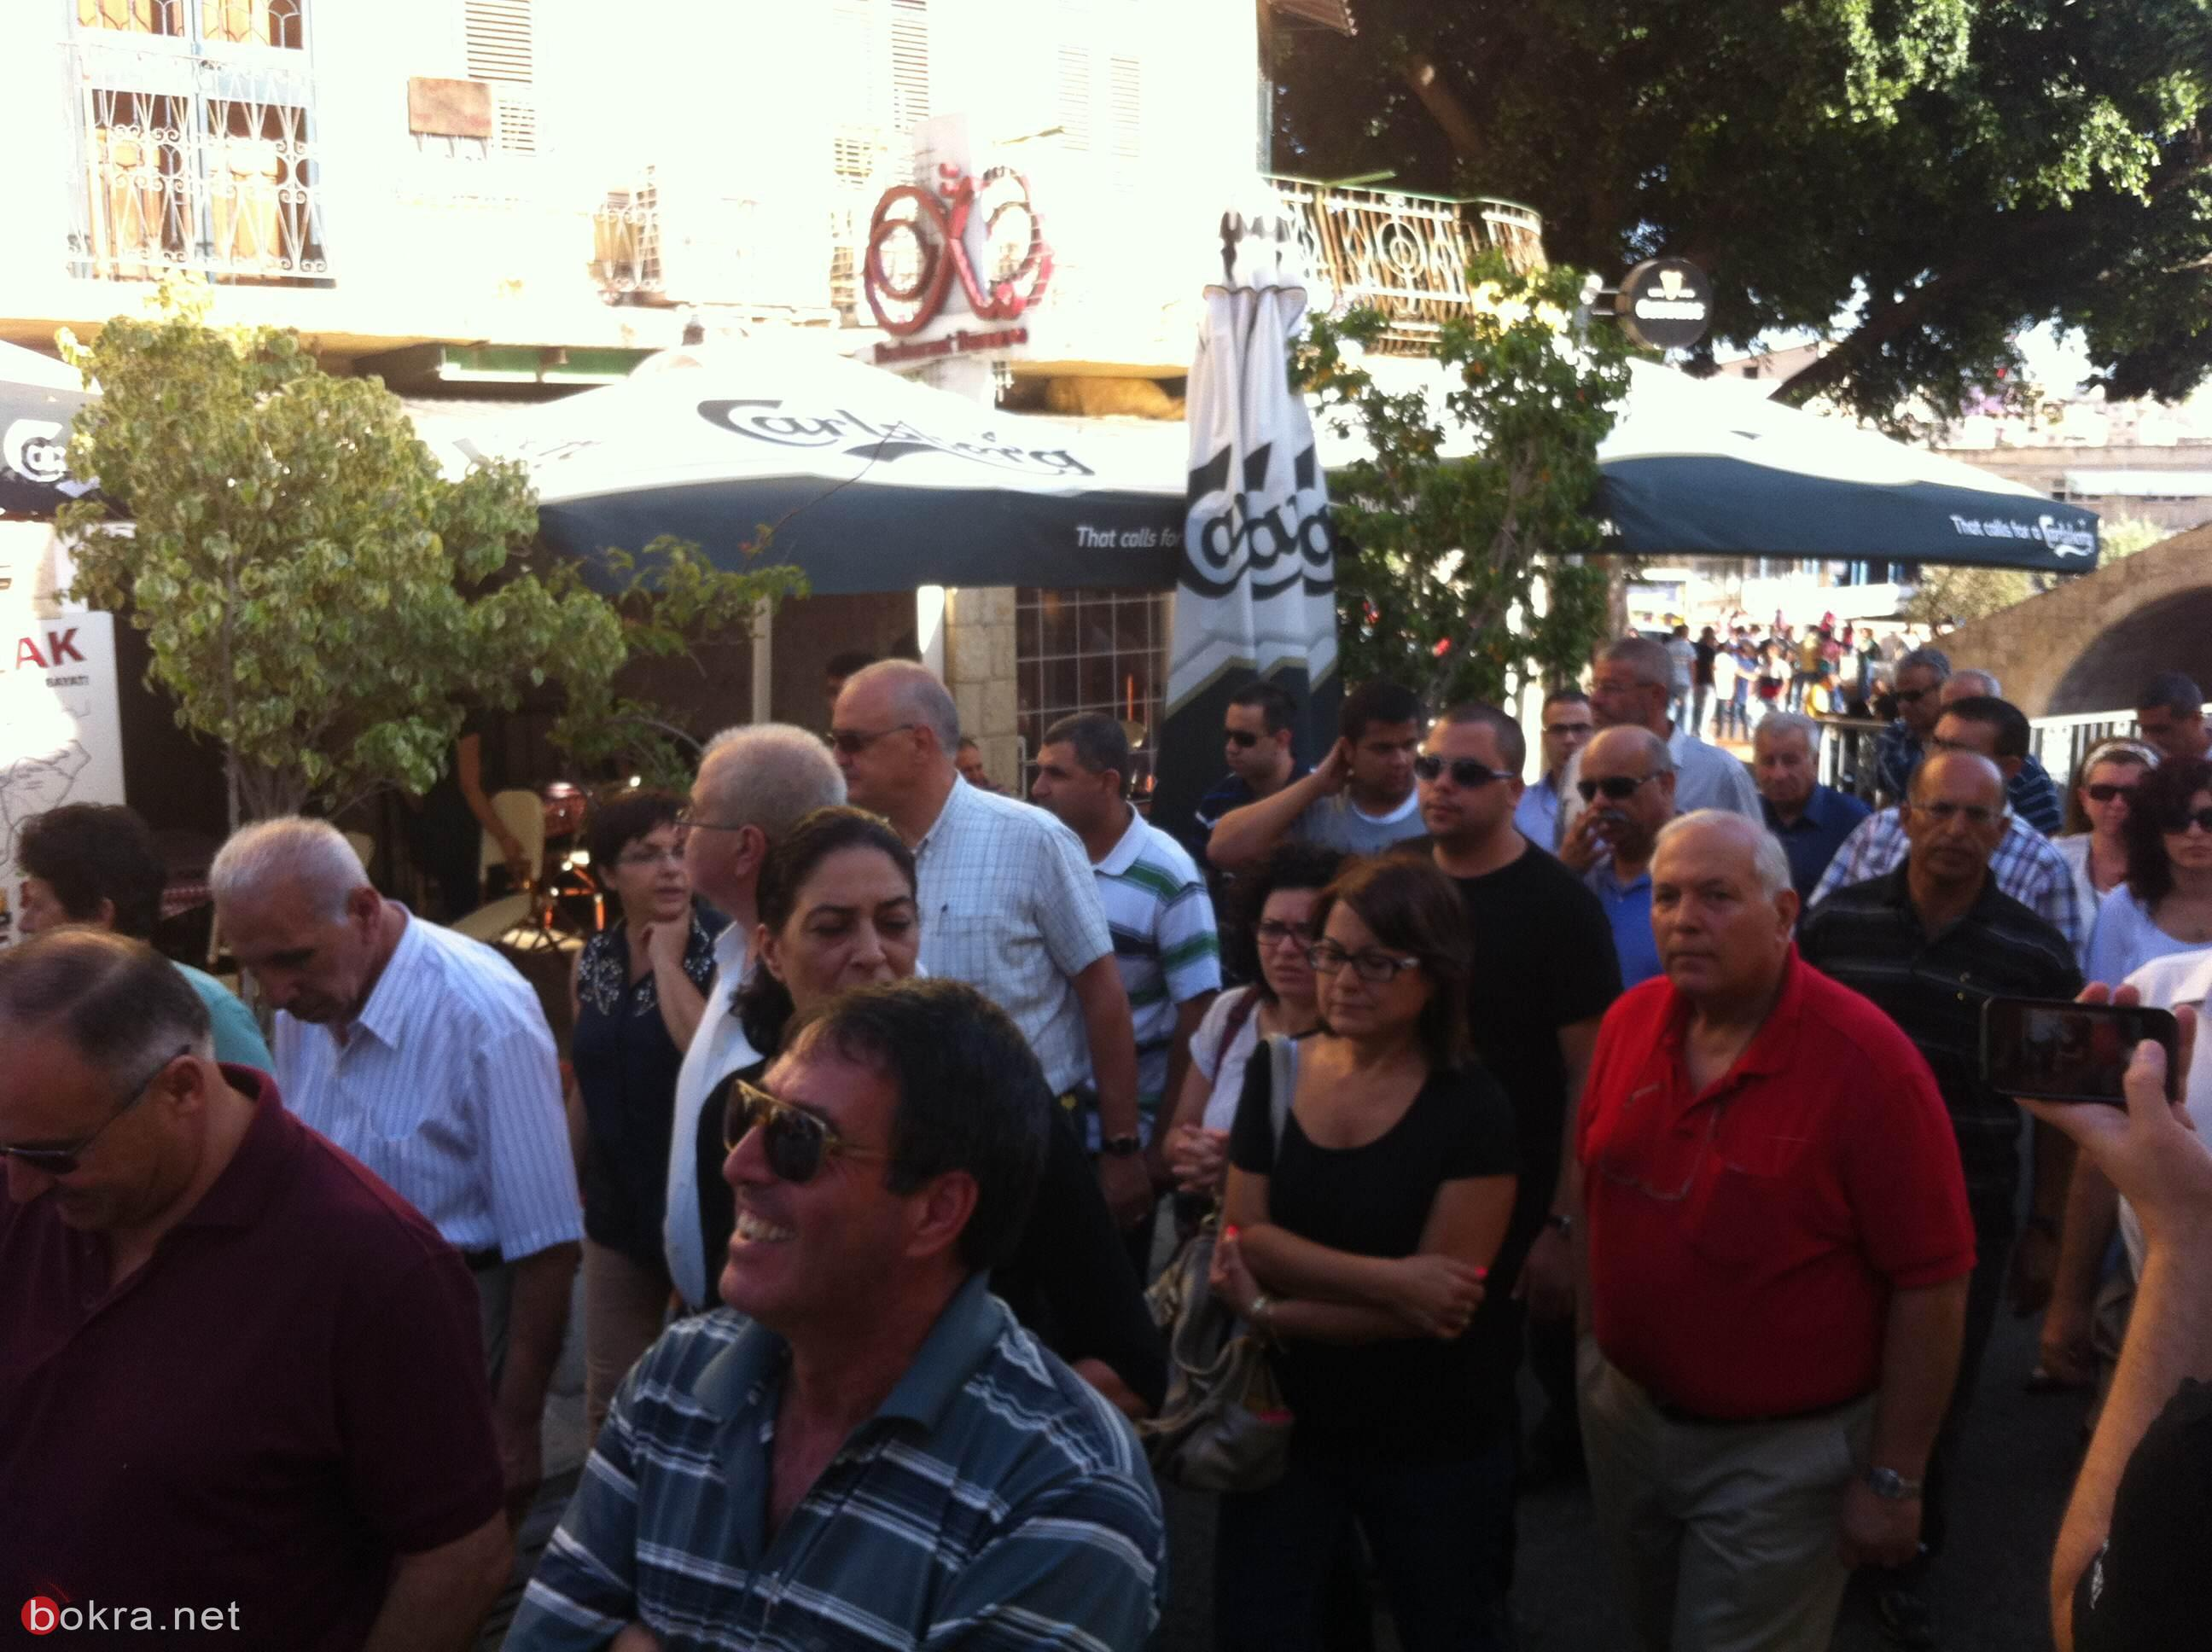 مسيرة الى ضريح توفيق زياد في الناصرة بمناسبة الذكرى العشرين لرحيله